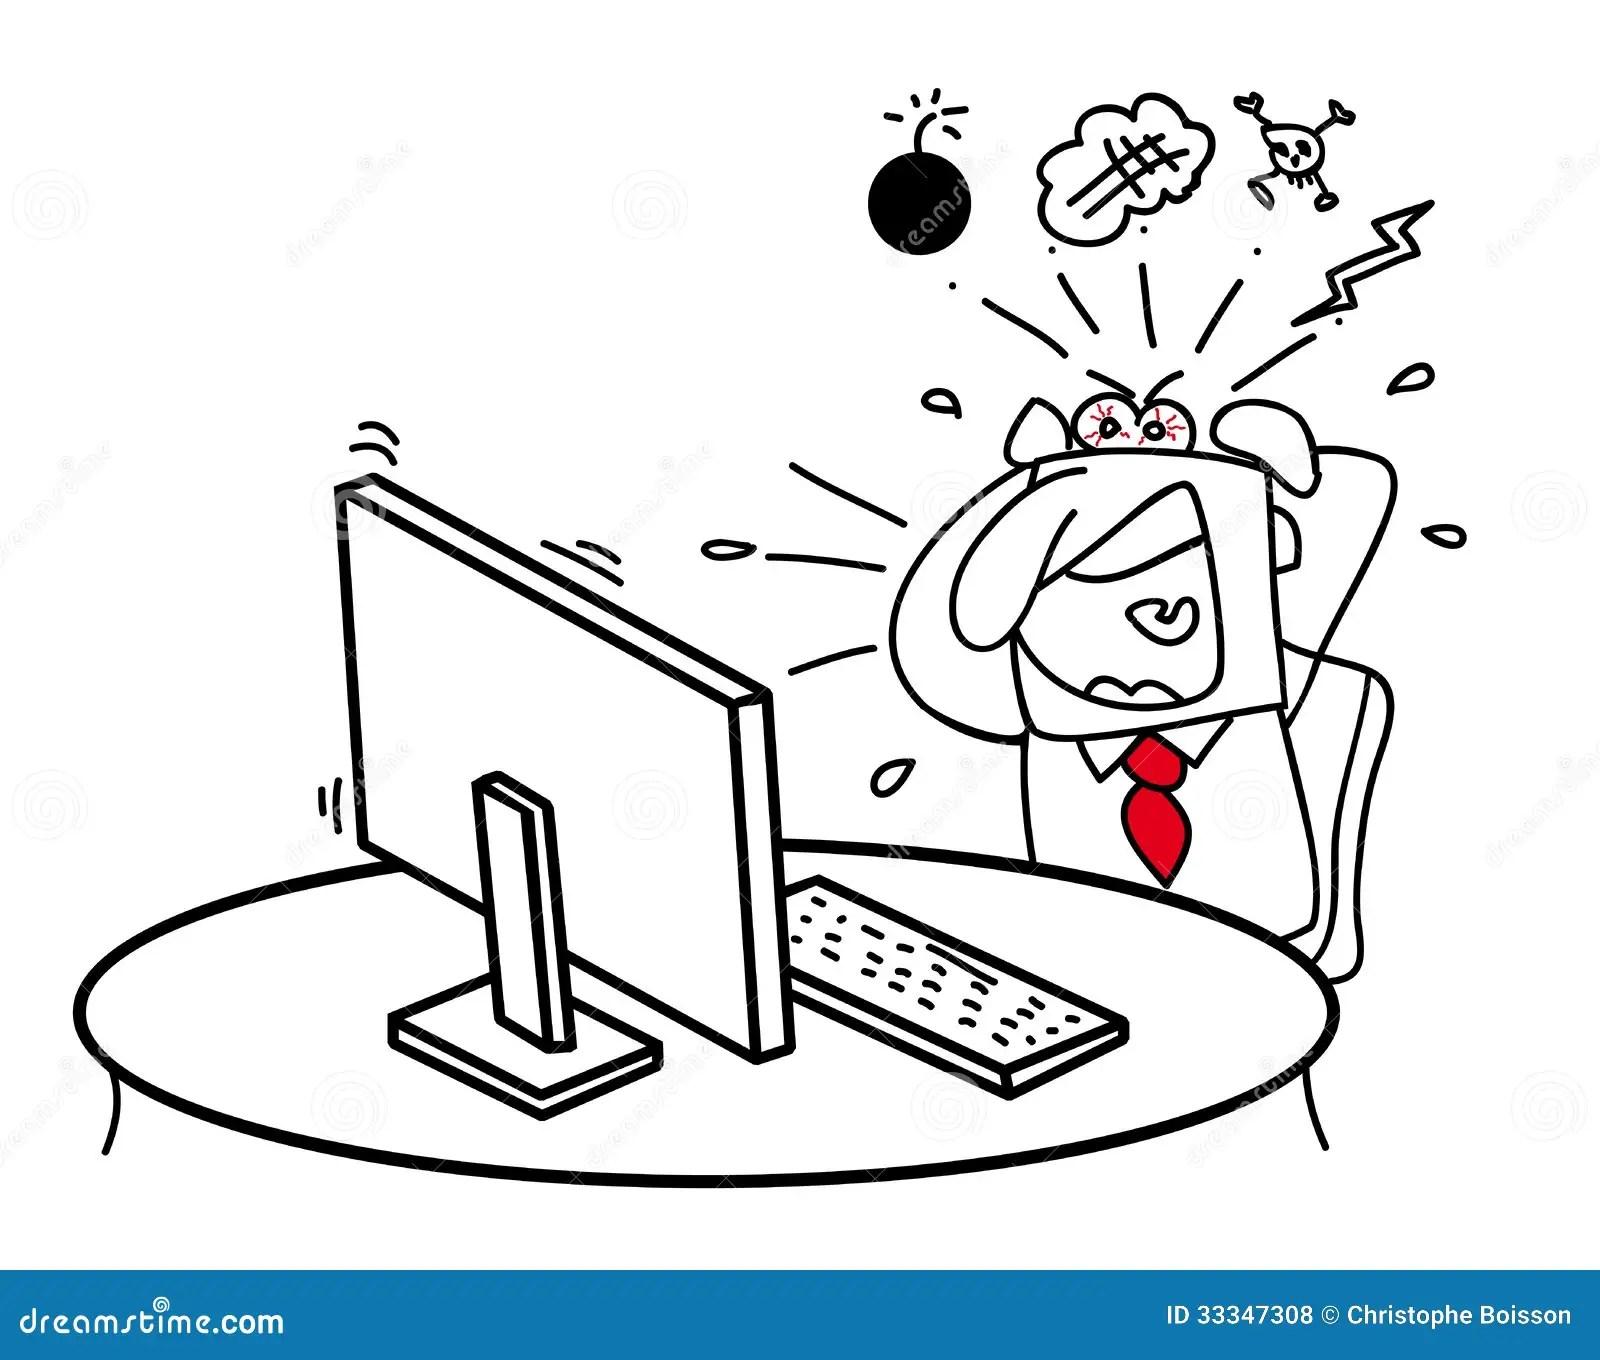 Il Mio Computer Mi Rende Pazzo Illustrazione Vettoriale